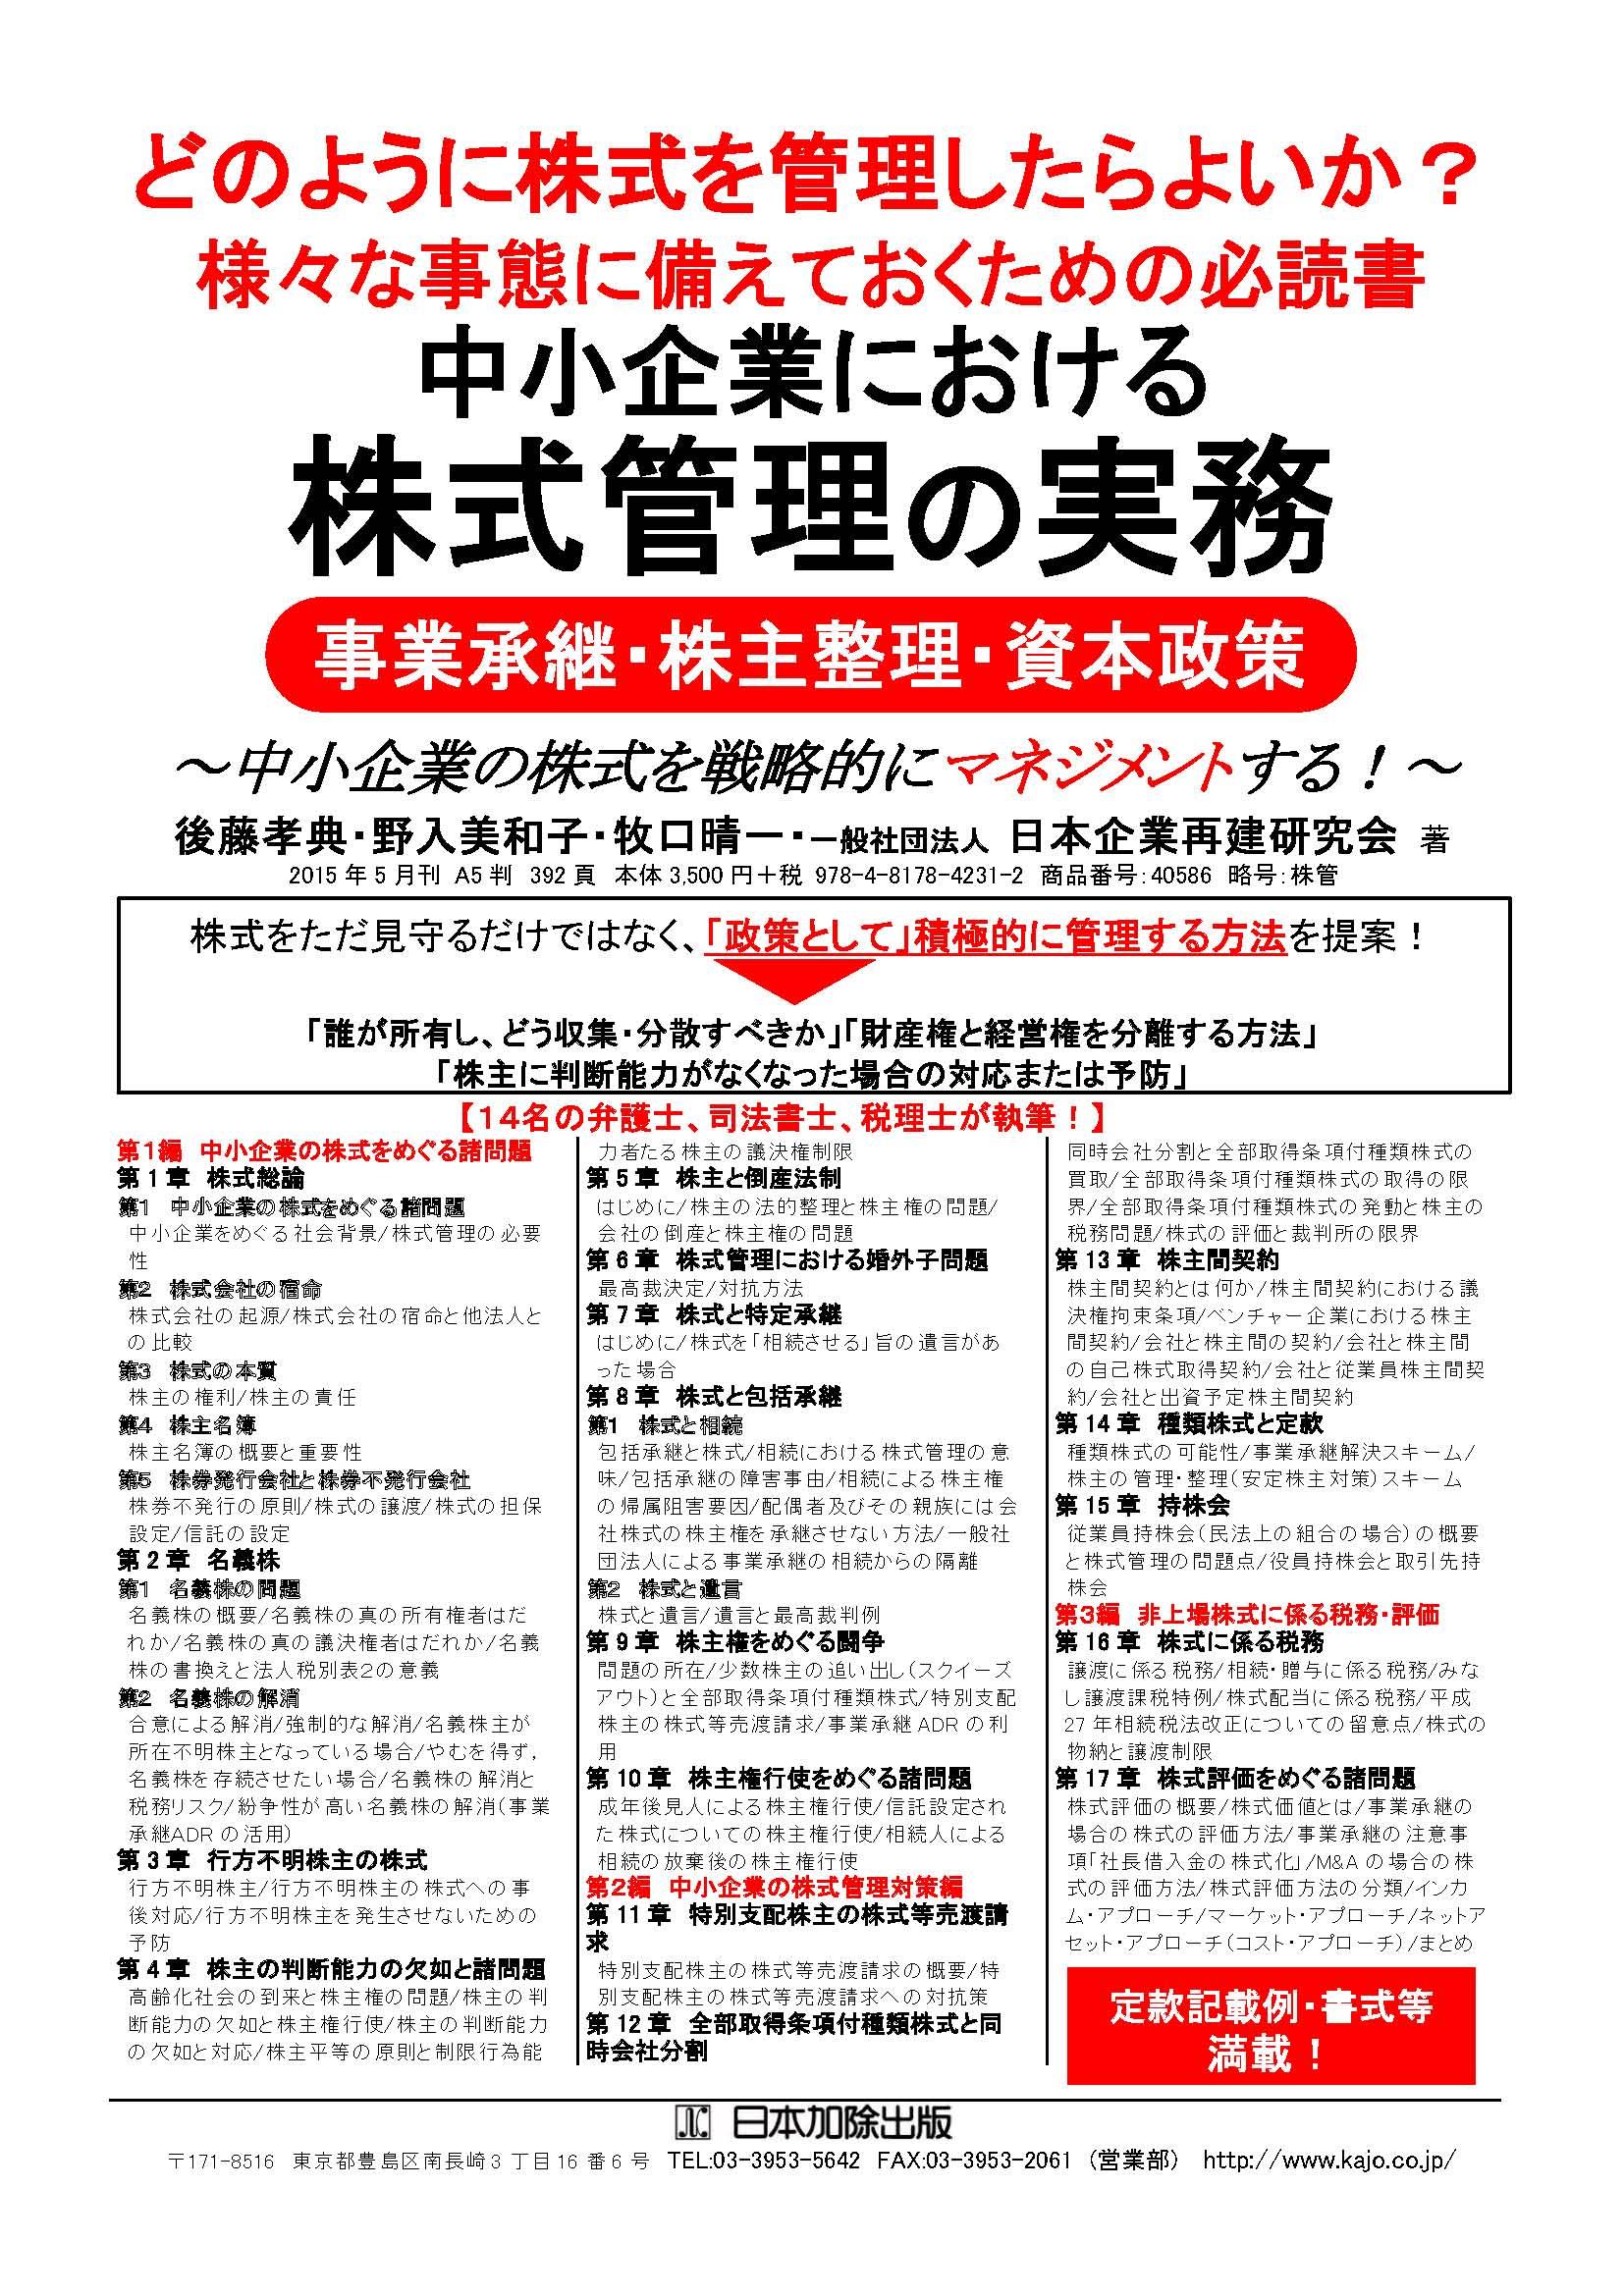 http://www.kigyosaiken.or.jp/blog/%E3%83%AA%E3%83%BC%E3%83%95%E6%A0%AA%E5%BC%8F%E7%AE%A1%E7%90%86_20150522.jpg